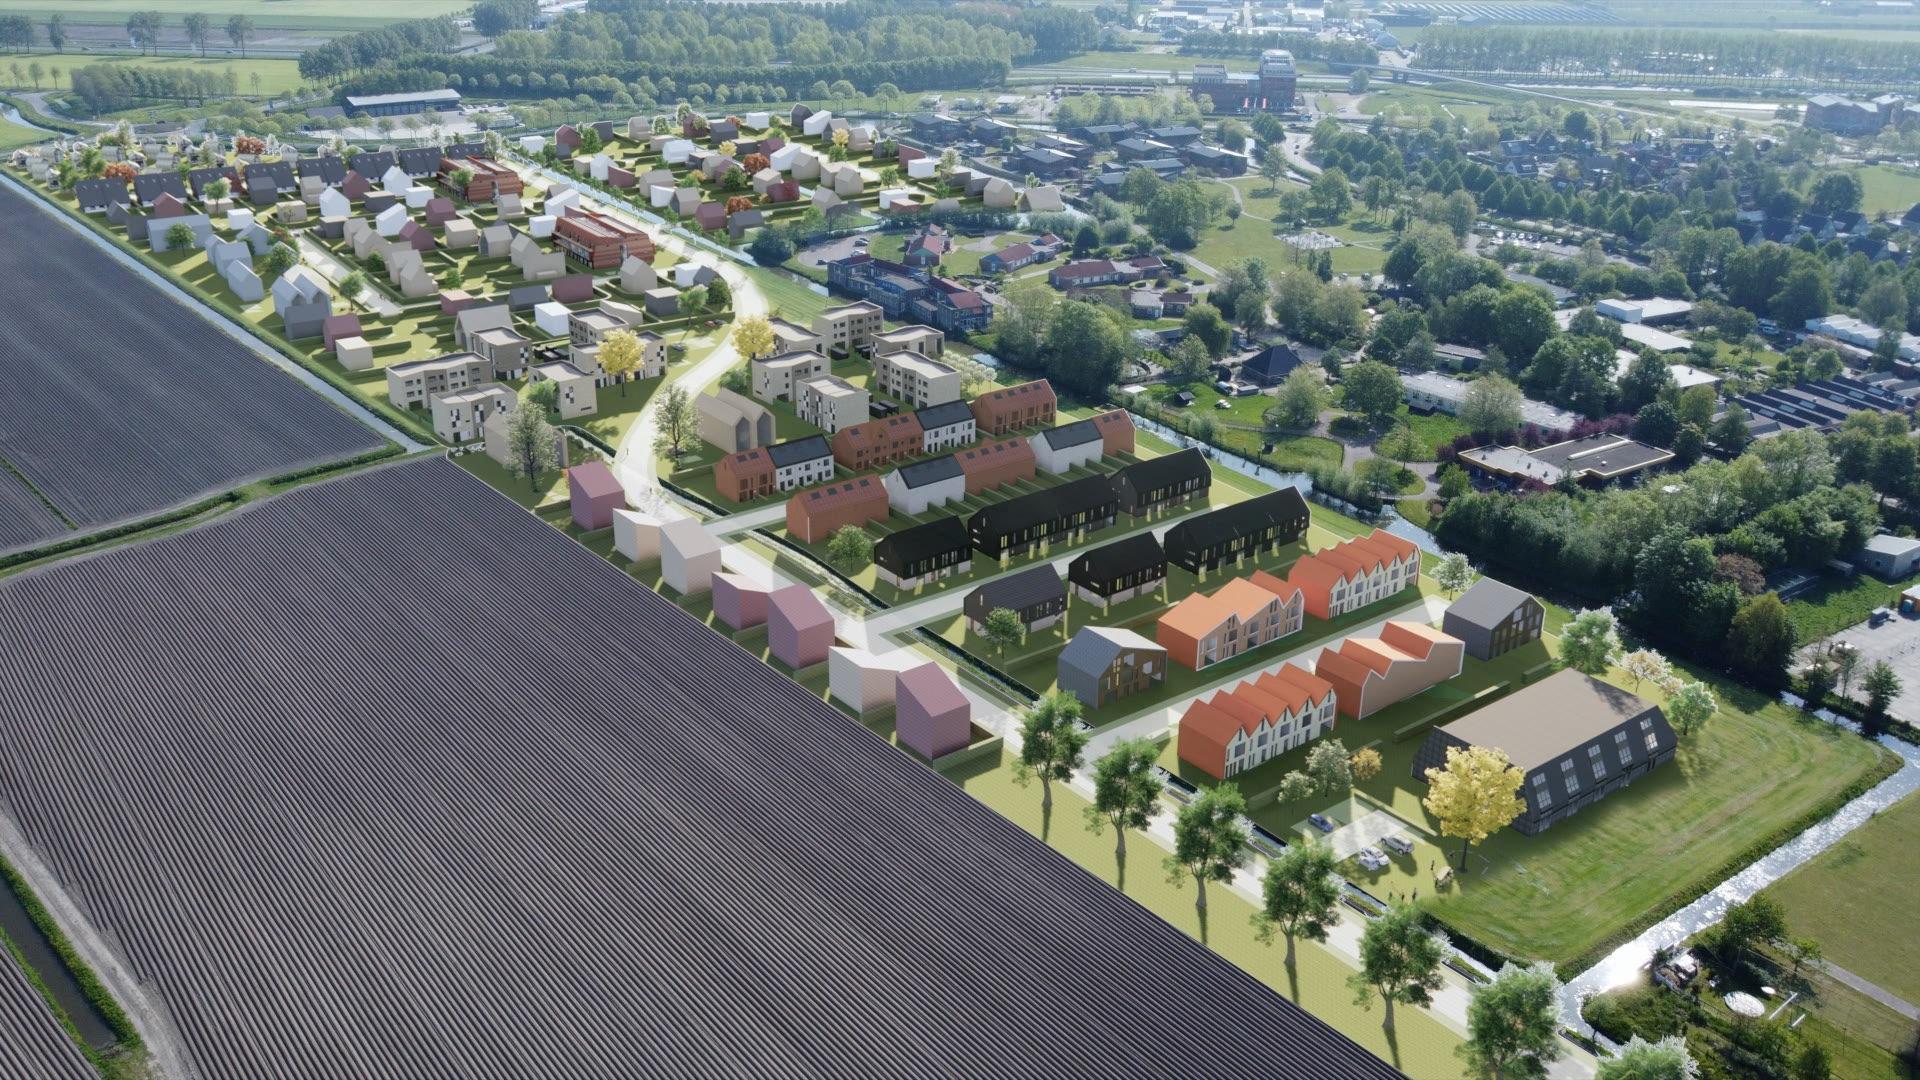 Nieuwe wijk in Wognum krijgt uniek karakter: 'Het is eigenlijk een soort blokkendoos'